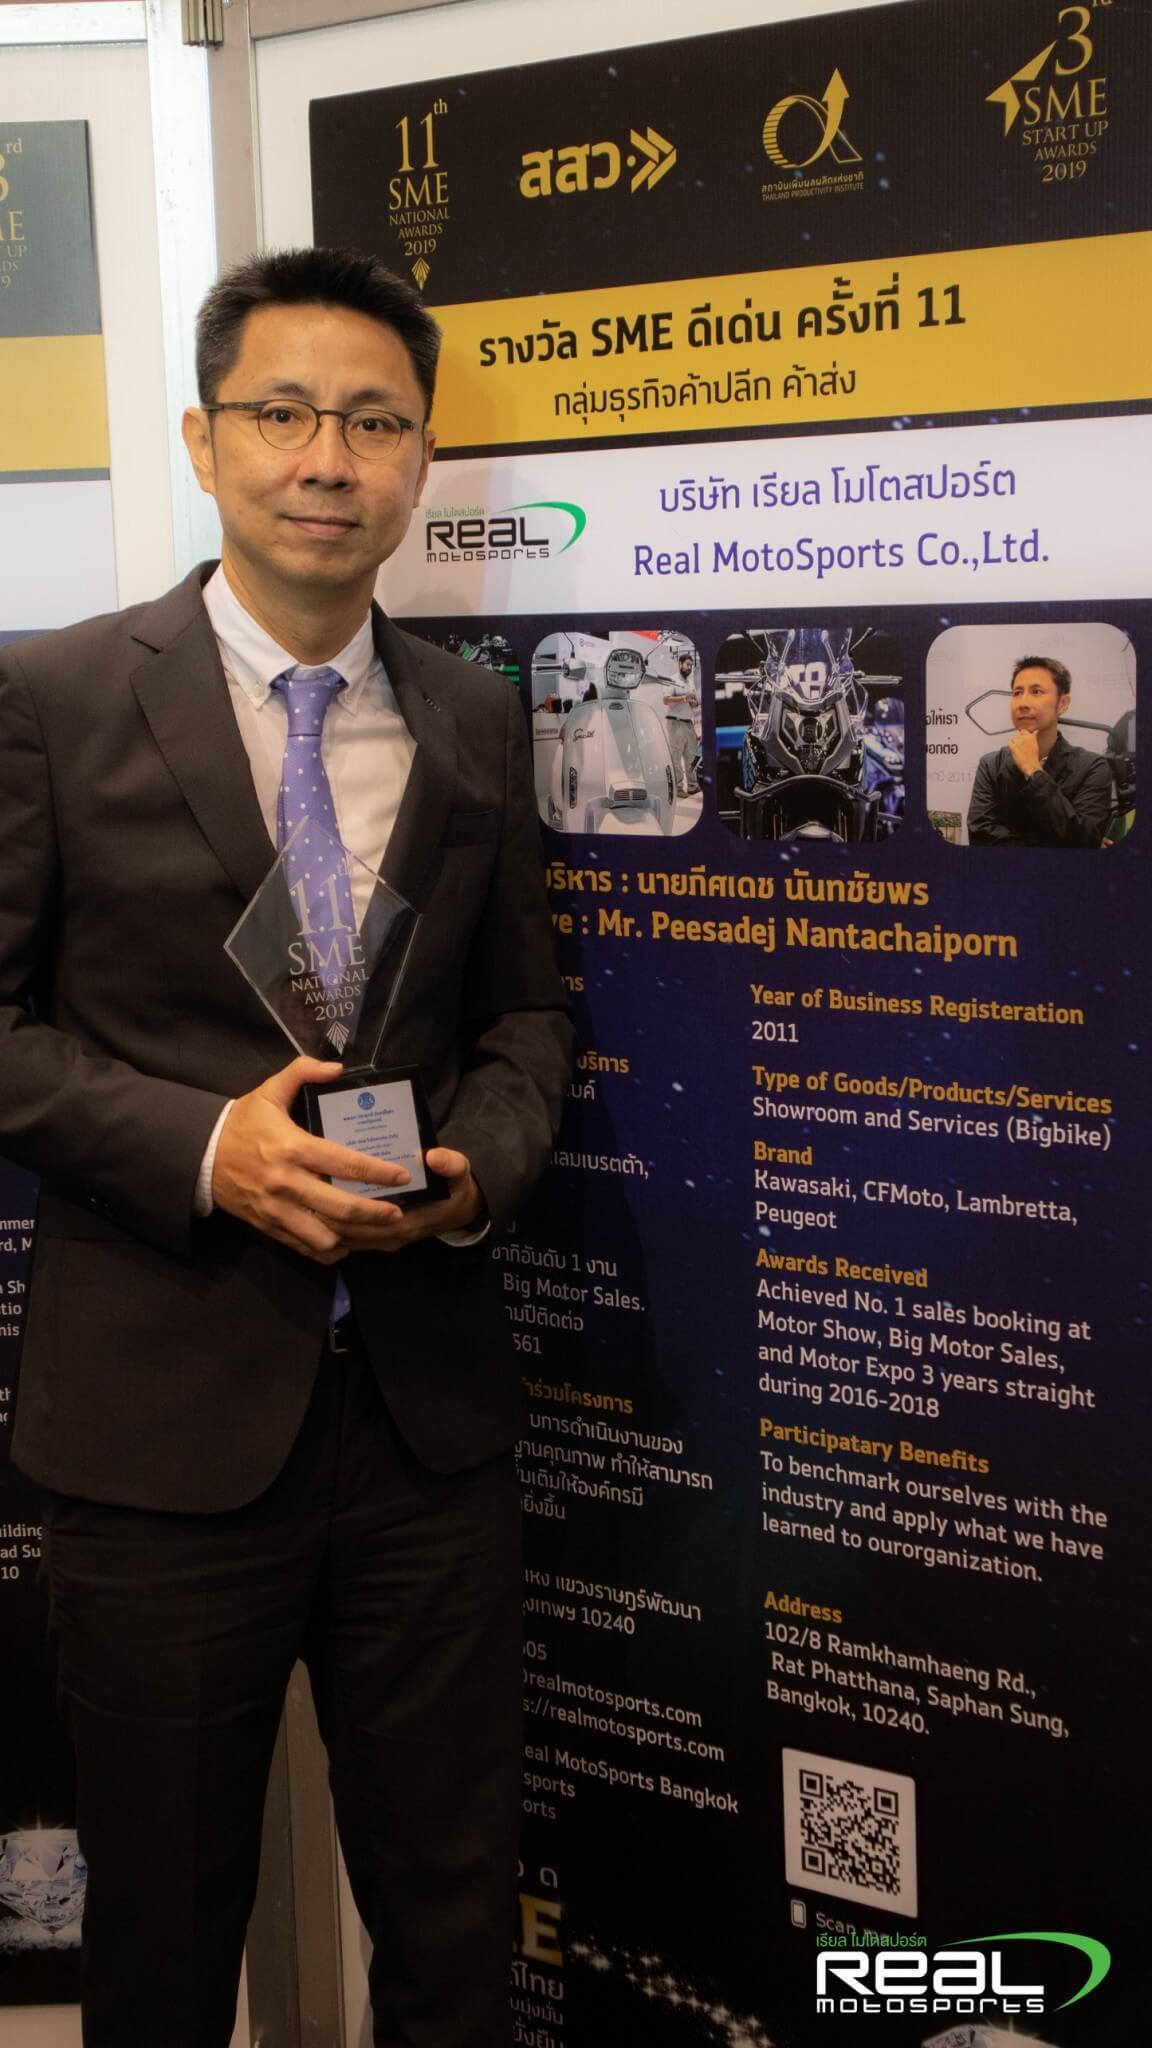 ผลงานในการประกวด SME Award